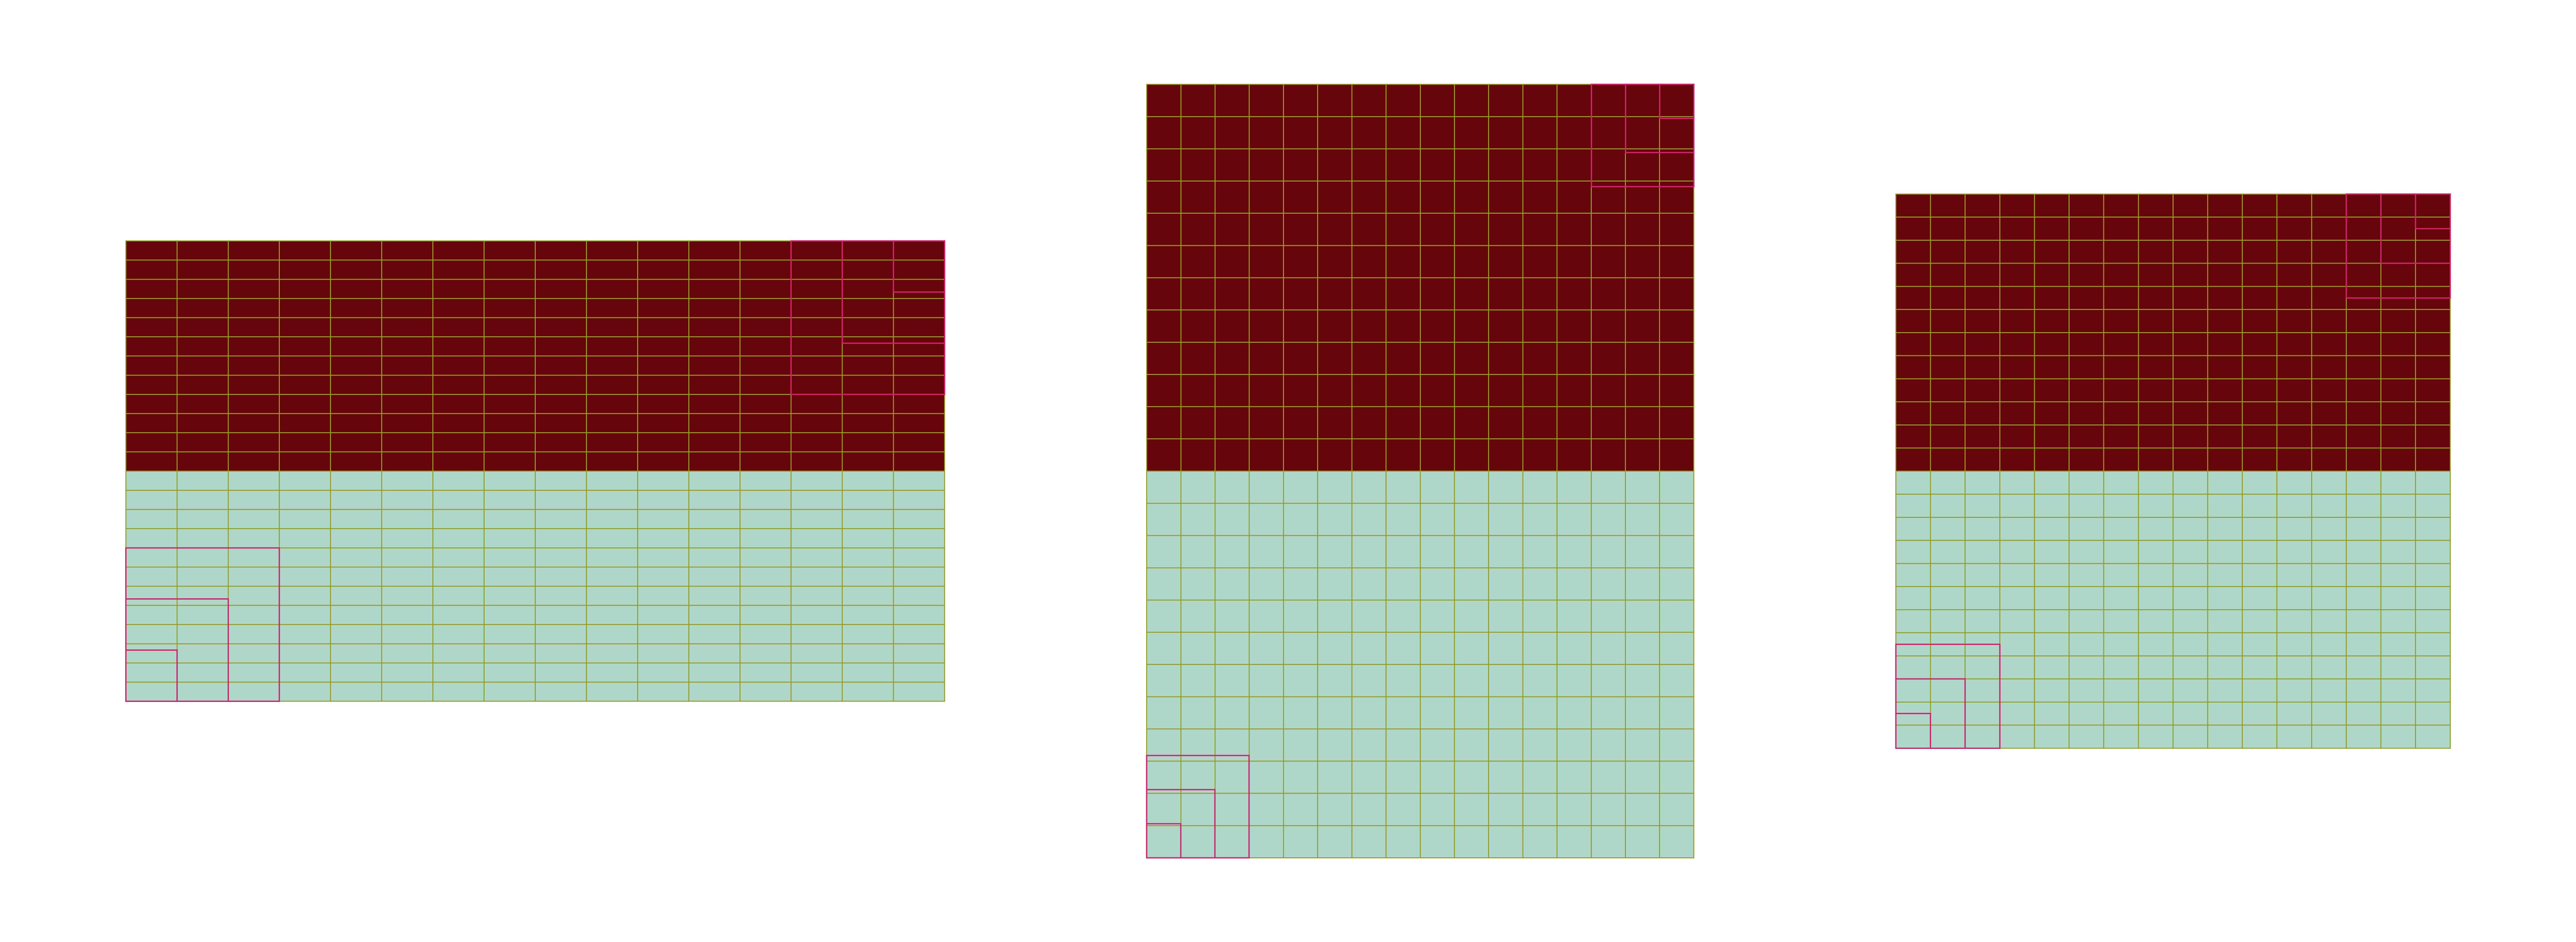 gridsystem_hover-96